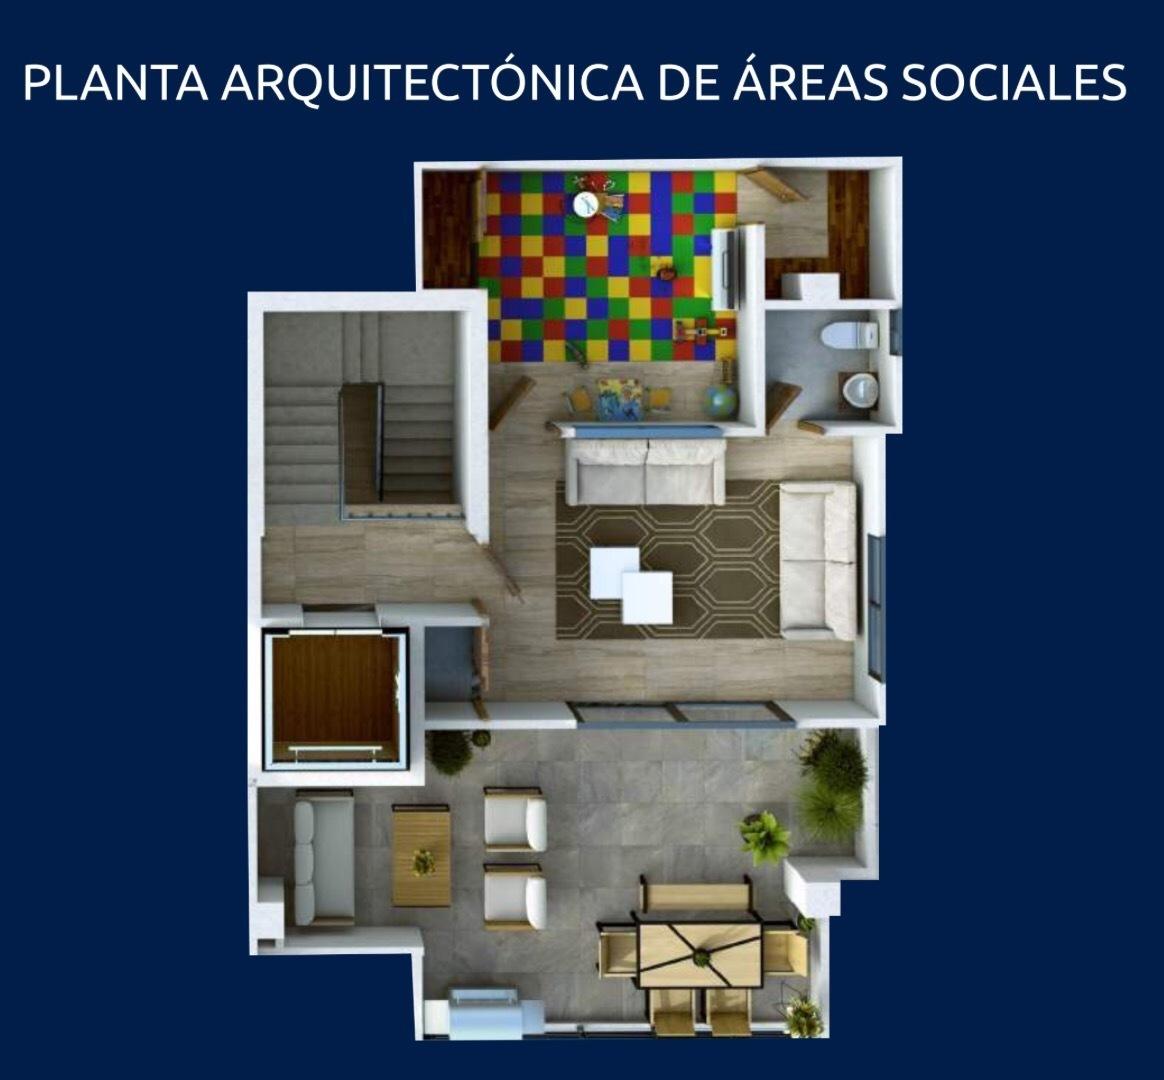 6 de 7: Plano arquitectónico de áreas sociales